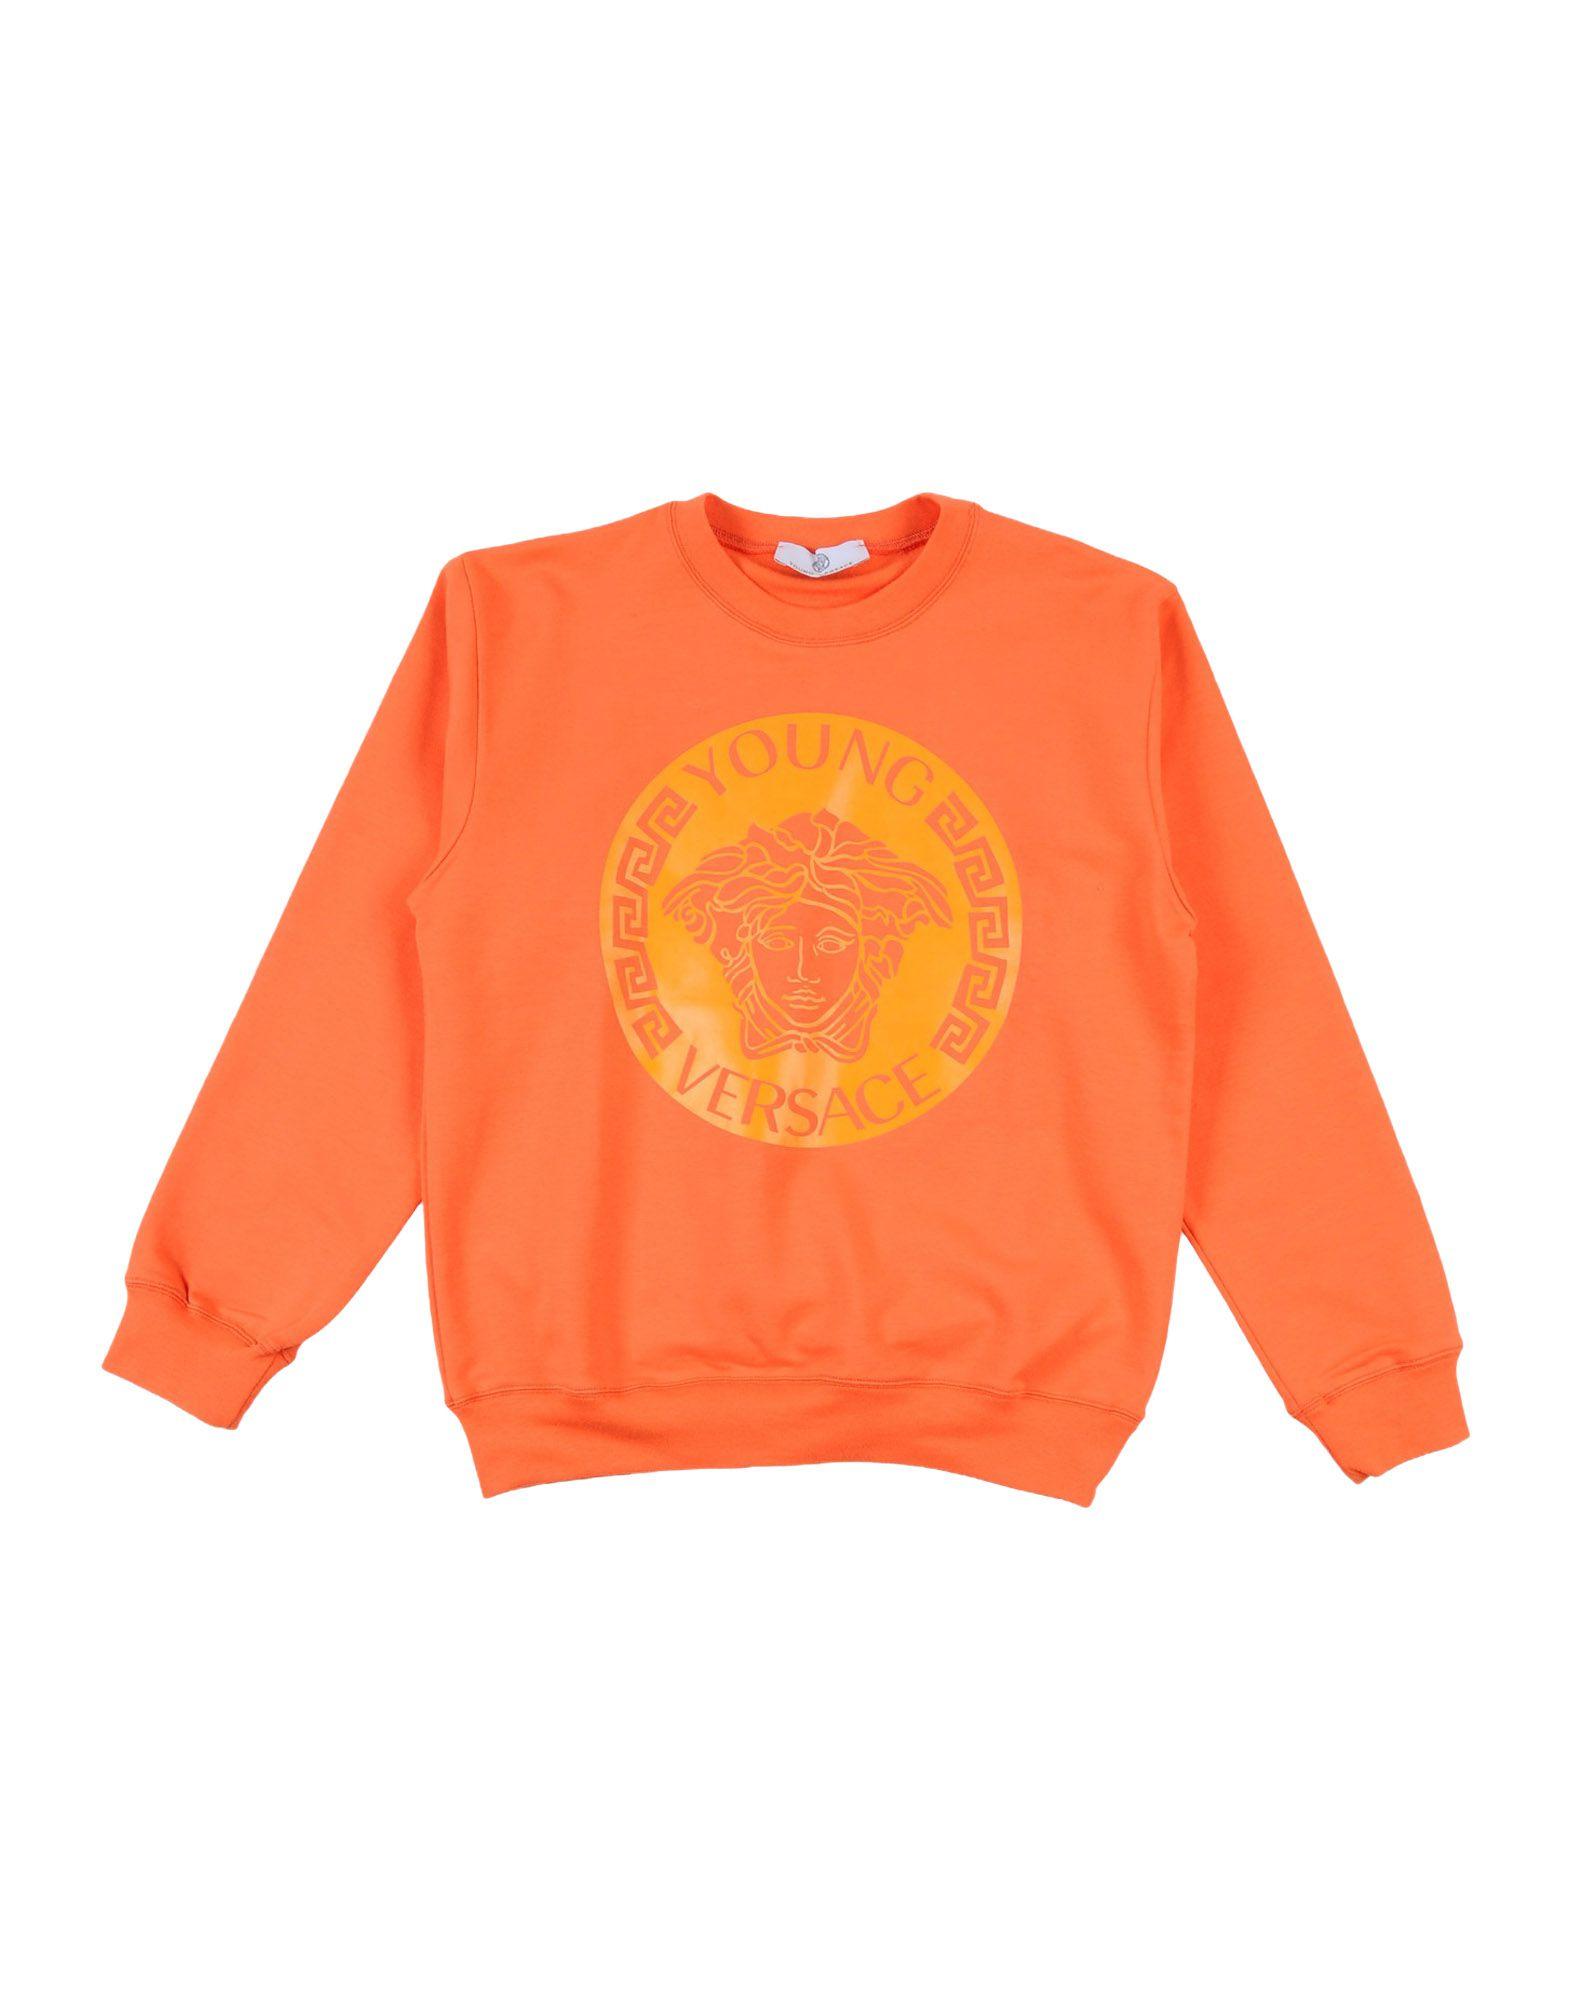 VERSACE YOUNG Jungen 9-16 jahre Sweatshirt Farbe Orange Größe 1 jetztbilligerkaufen